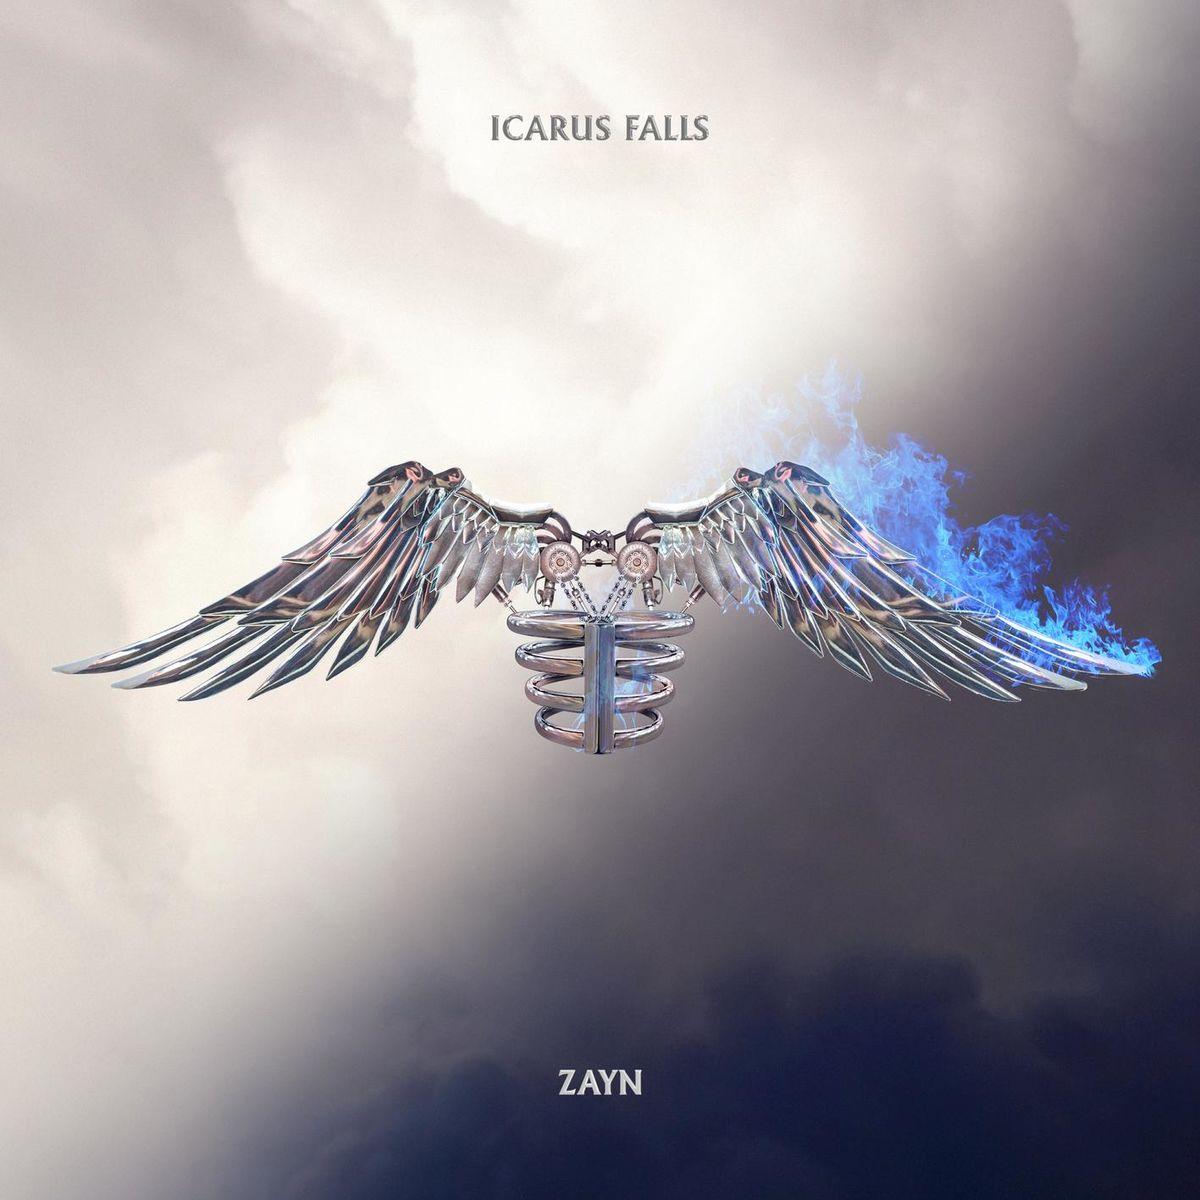 Pour son 2ème album, @ZaynMalik a vu les choses en grand, avec 27 chansons à écouter sur #IcarusFalls ➡️ DeezerFR.lnk.to/IcarusFalls 🎤